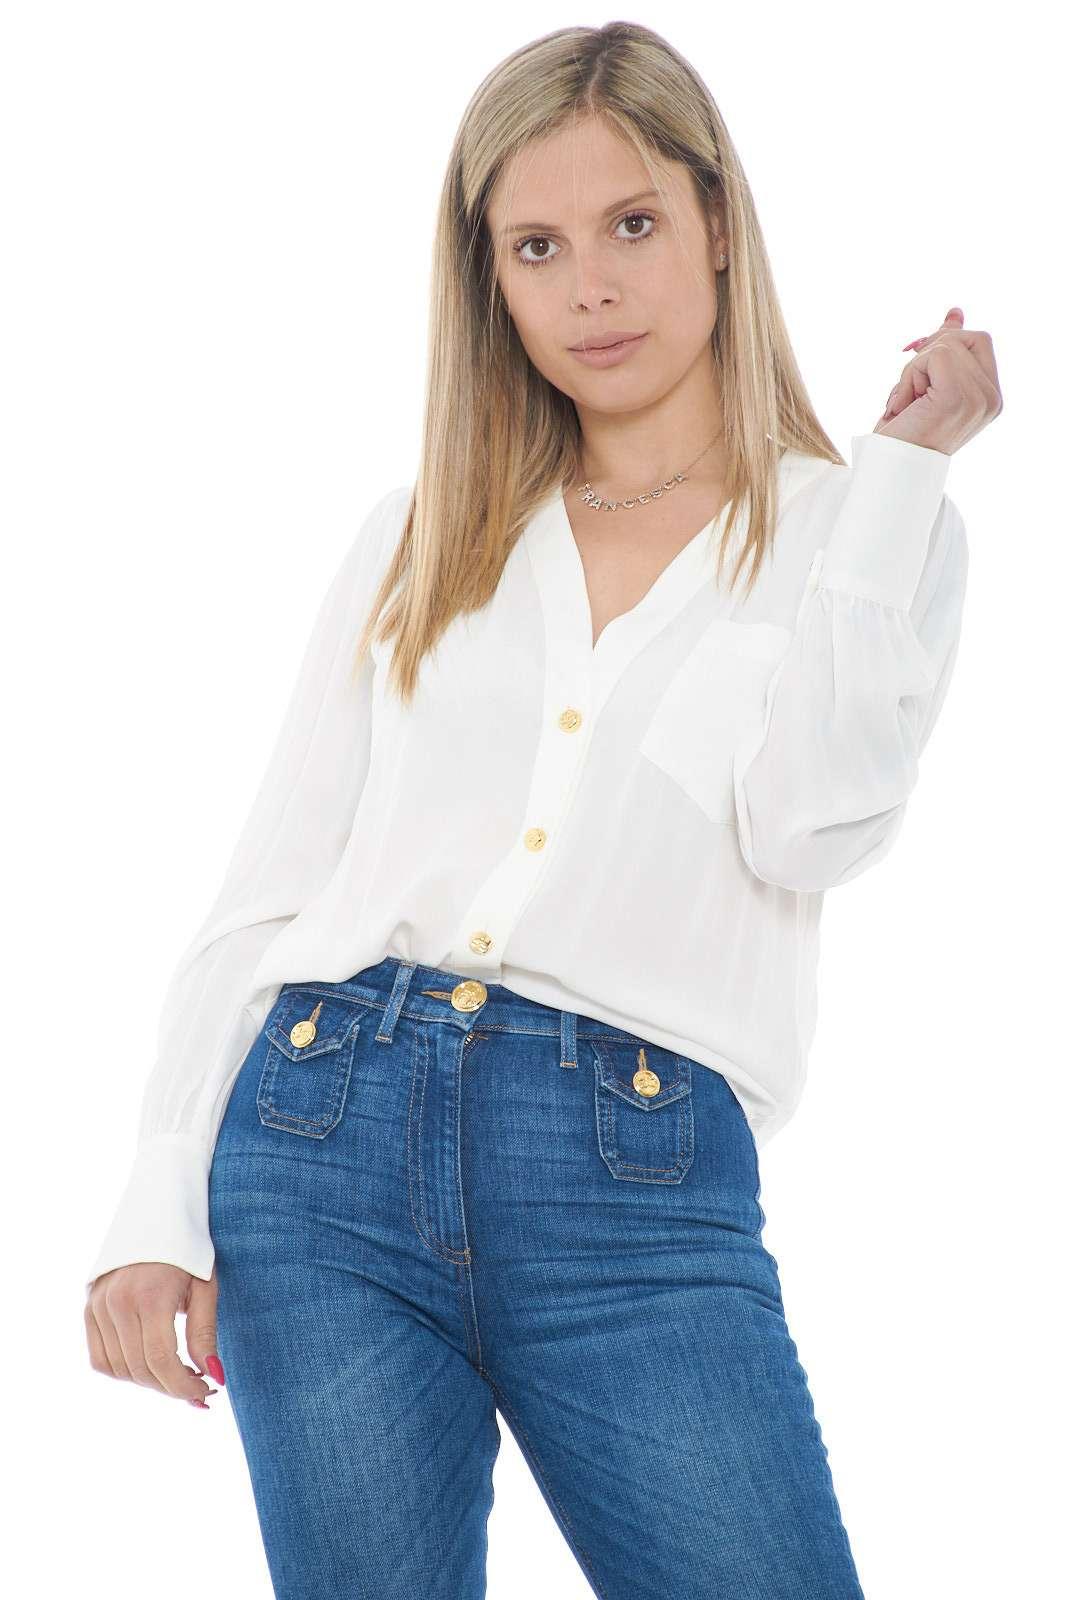 Un capo senza tempo, la camicia proposta dalla collezione donna Elisabetta Franchi conquista sia look classici che audaci. Il tessuto in viscosa crepe si impone sulla figura per scorrere liscio e diventare affascinante. Perfetto sia con pantaloni che jeans è un capo passe partout.